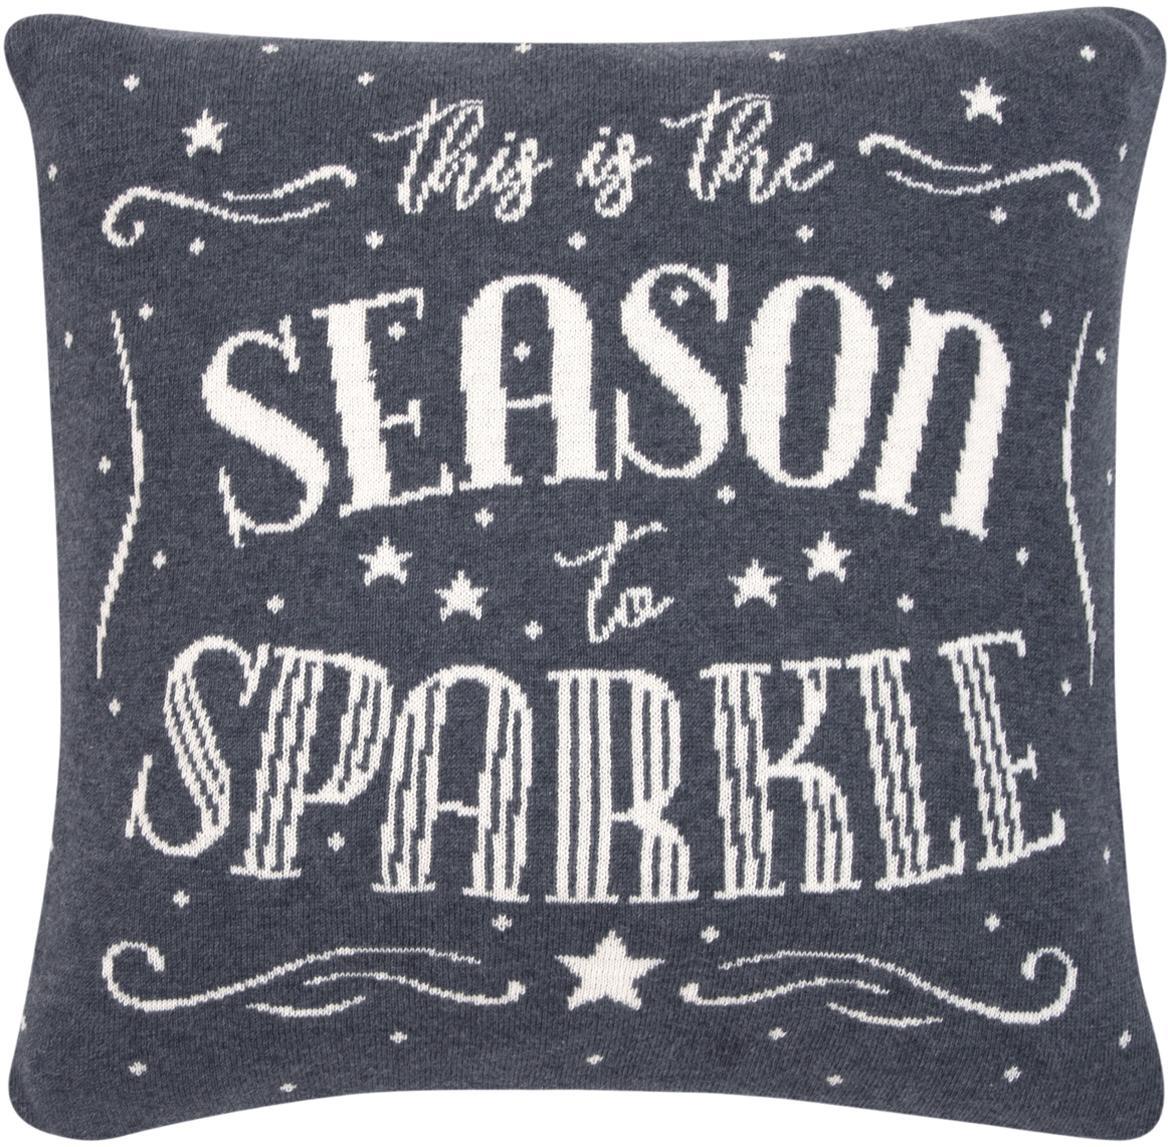 Federa arredo natalizia con scritta Sparkle, Cotone, Grigio, crema, Larg. 40 x Lung. 40 cm